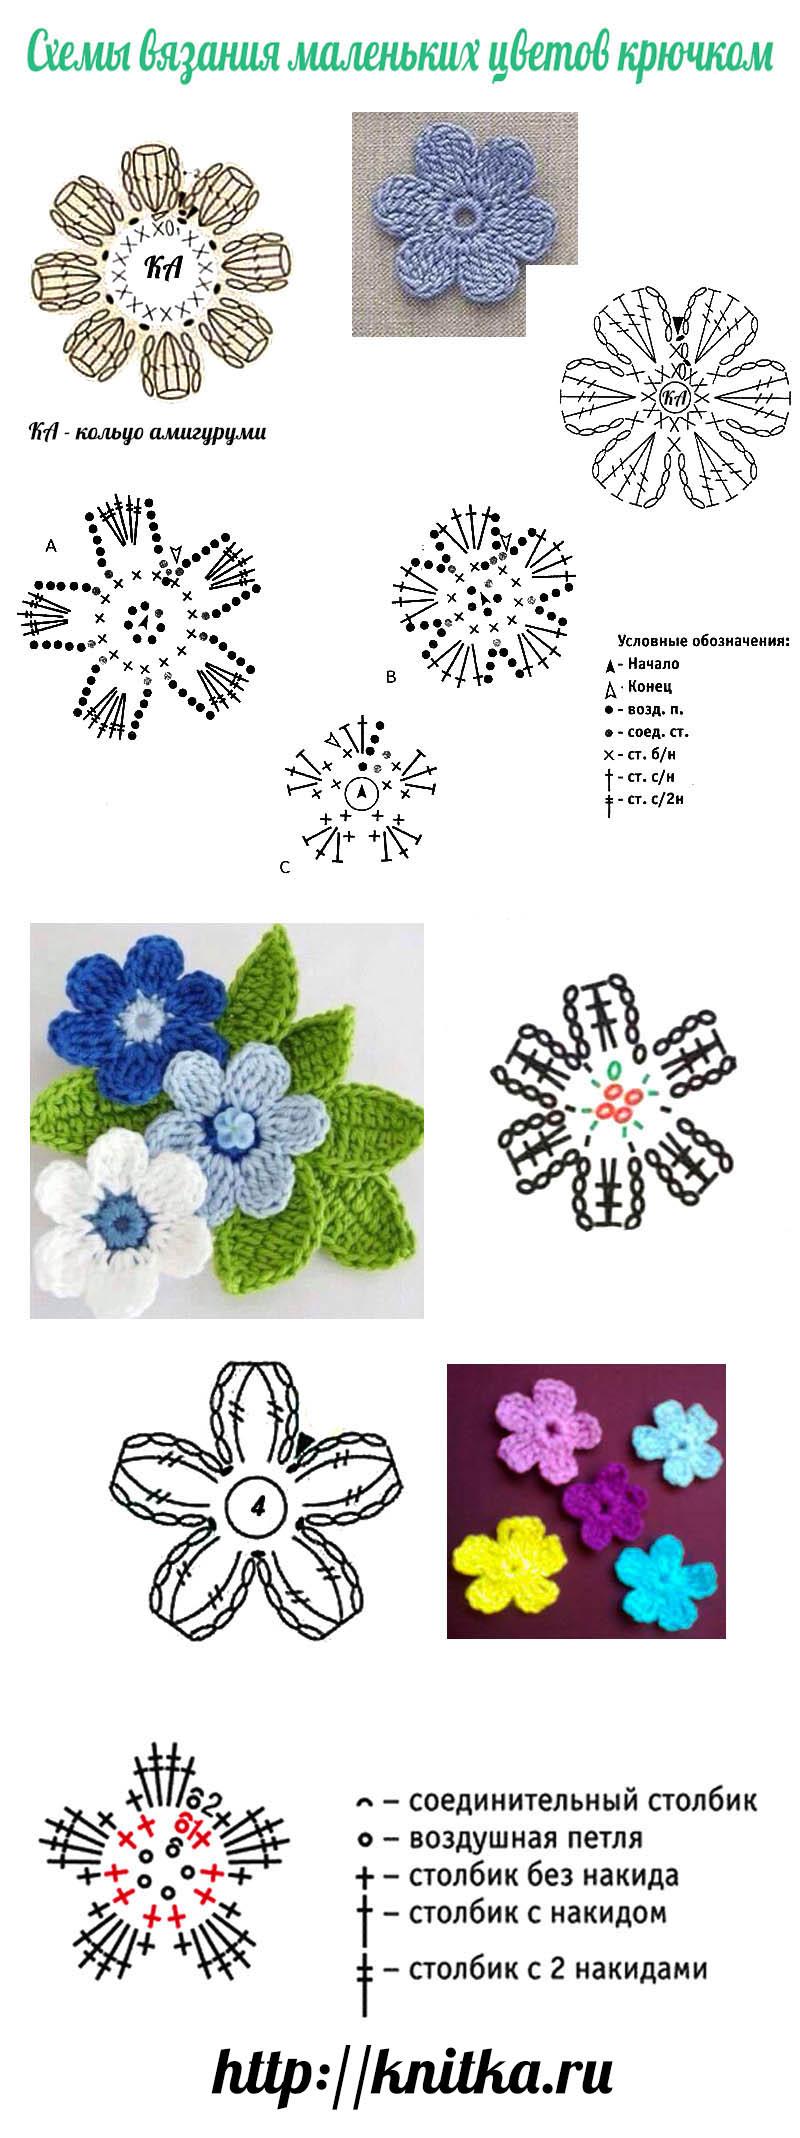 тапочки спицами схема цветочка